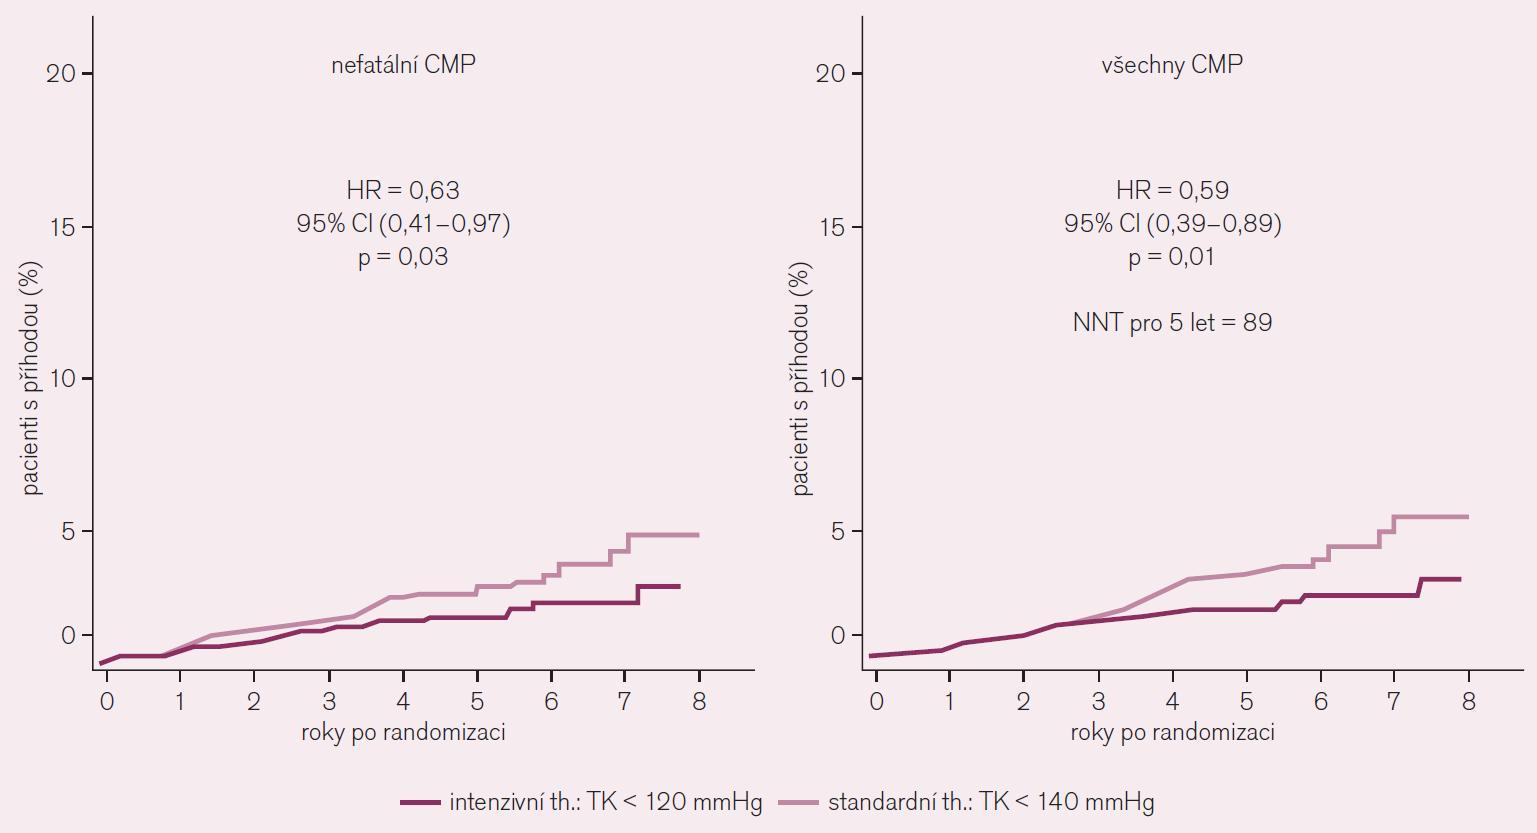 Studie ACCORD jednoznačně potvrdila význam snižování sTK v prevenci CMP.